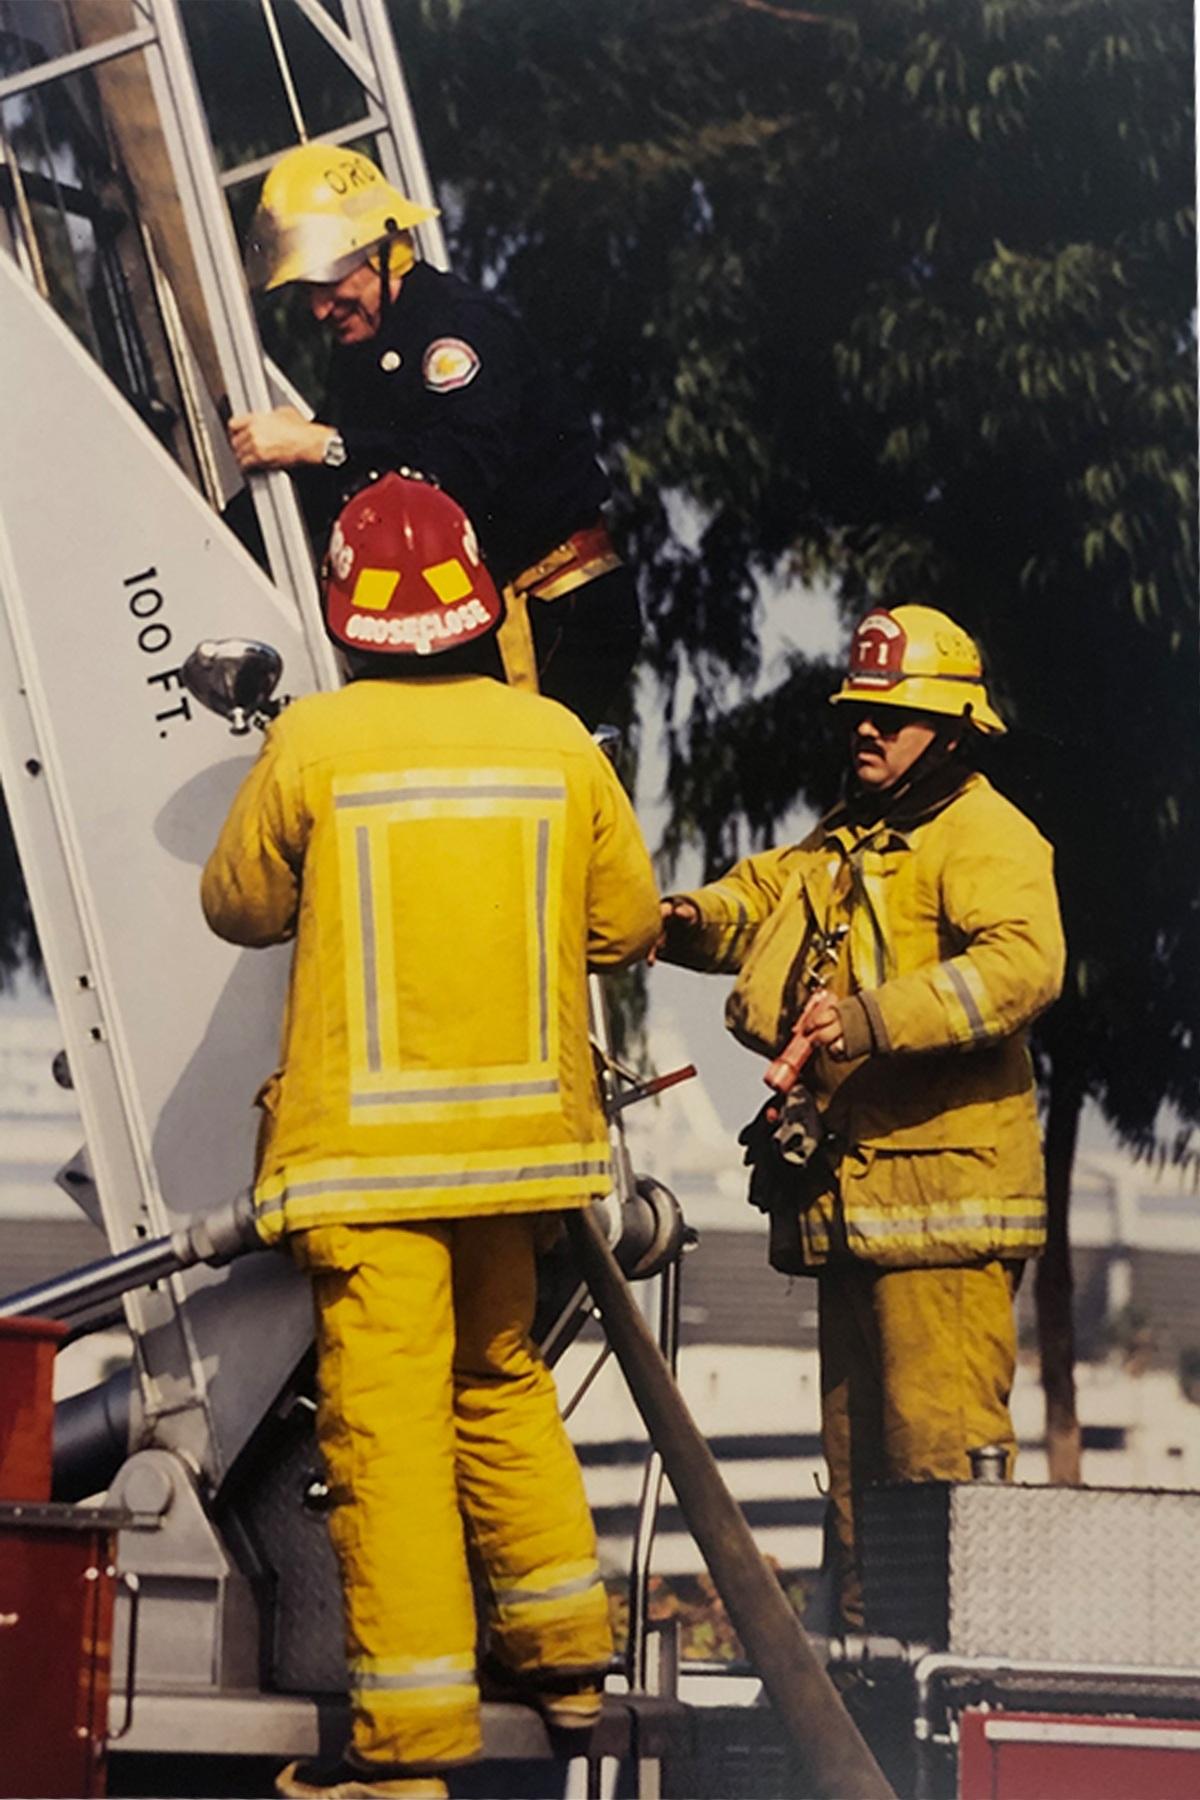 Feuerwehrschule in Annaheim - Horst steigt während der Übung als einziger deutscher auf die 33m Leiter